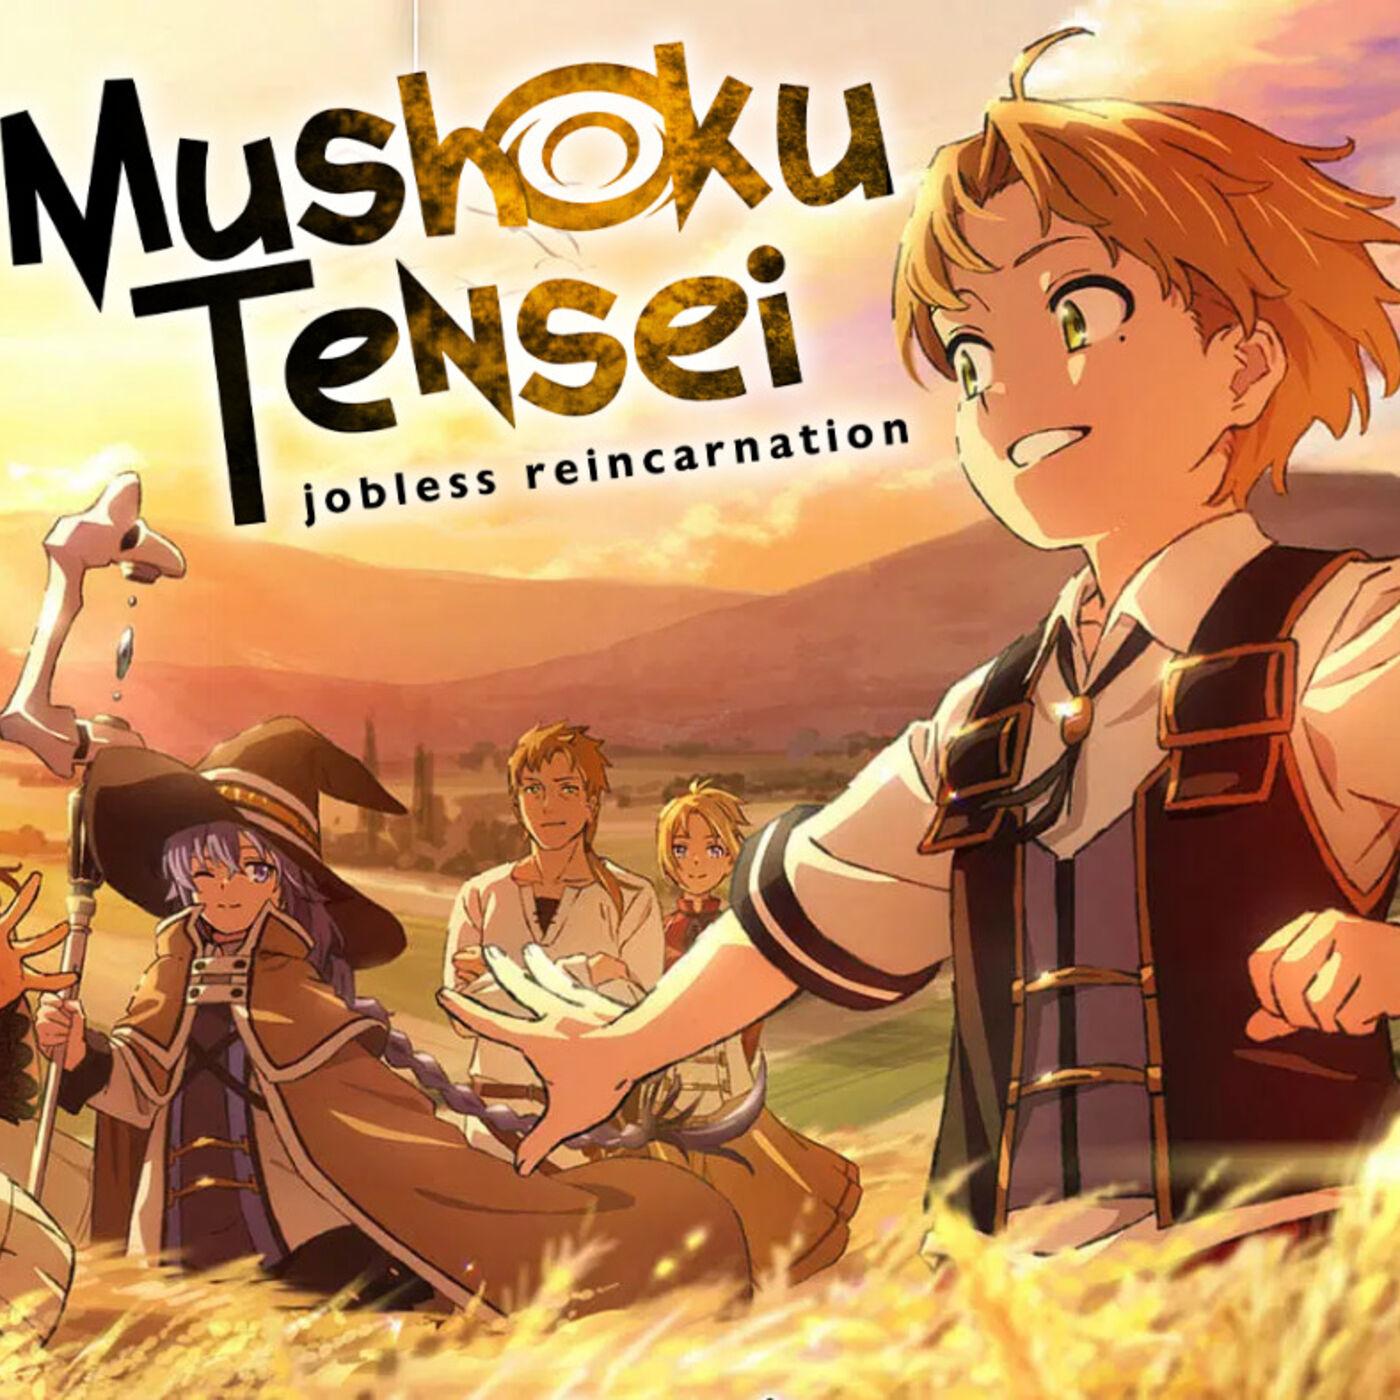 Why you should watch Mushoku Tensei in LESS THAN 10 MINUTES!